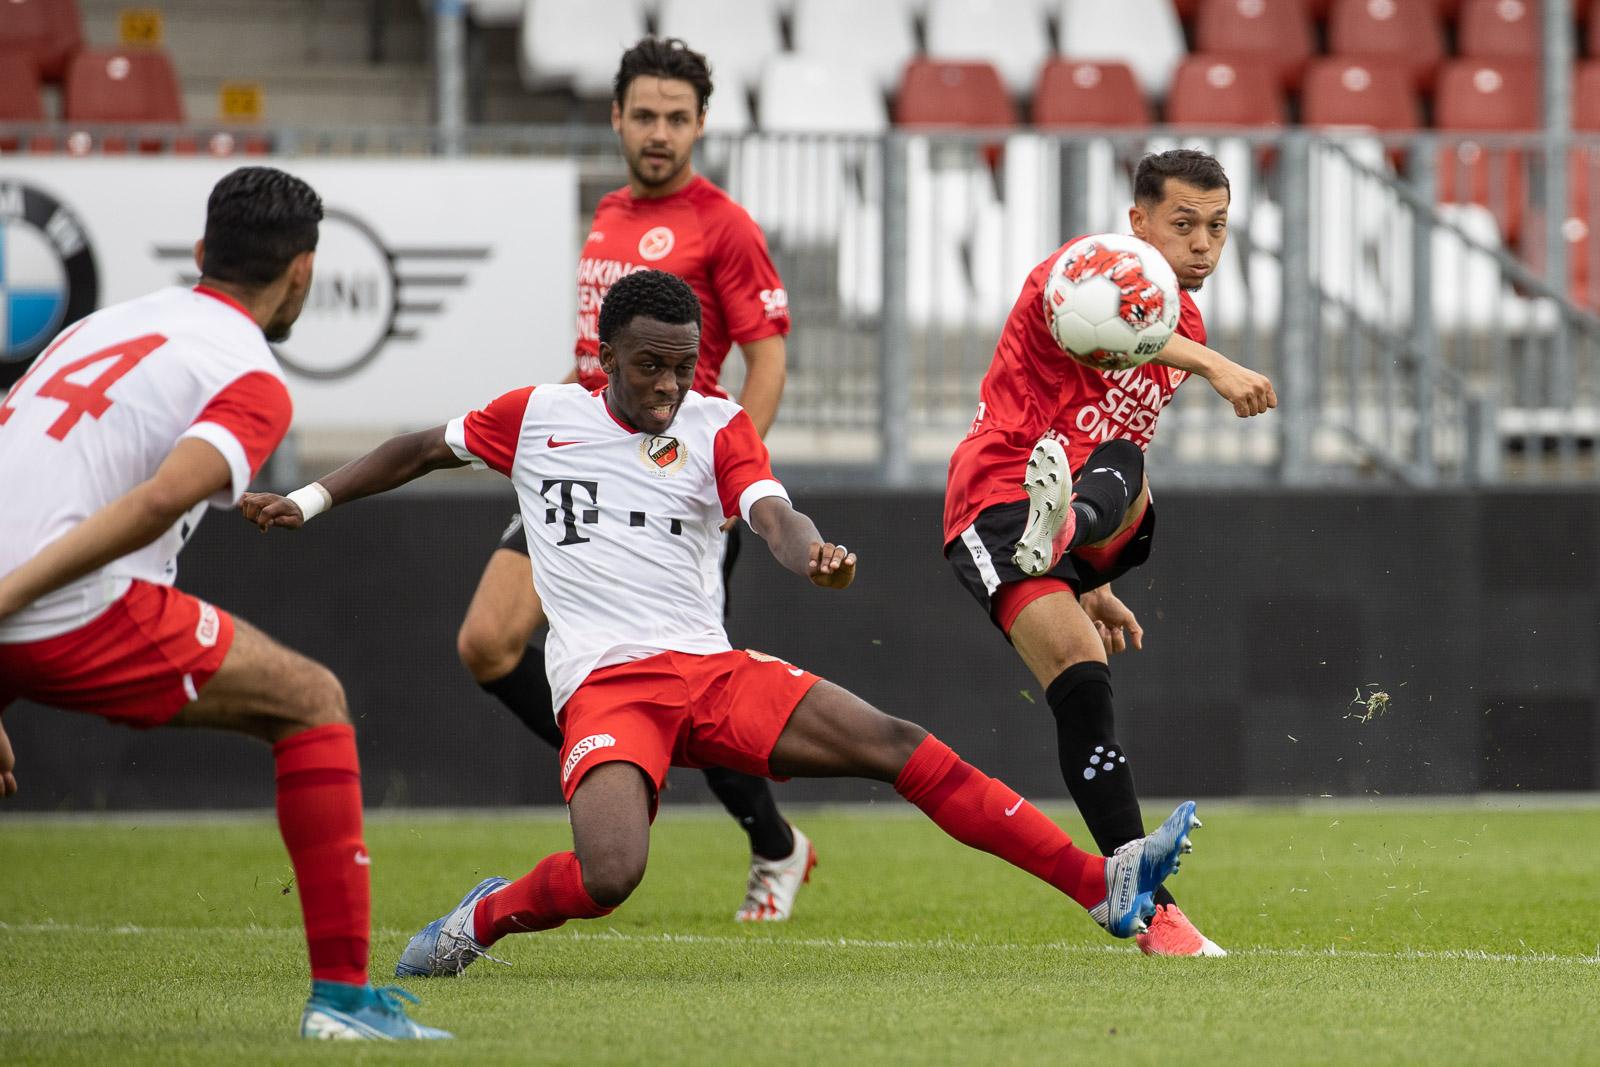 Hoop doet leven in de Domstad: Jong FC Utrecht – Almere City FC